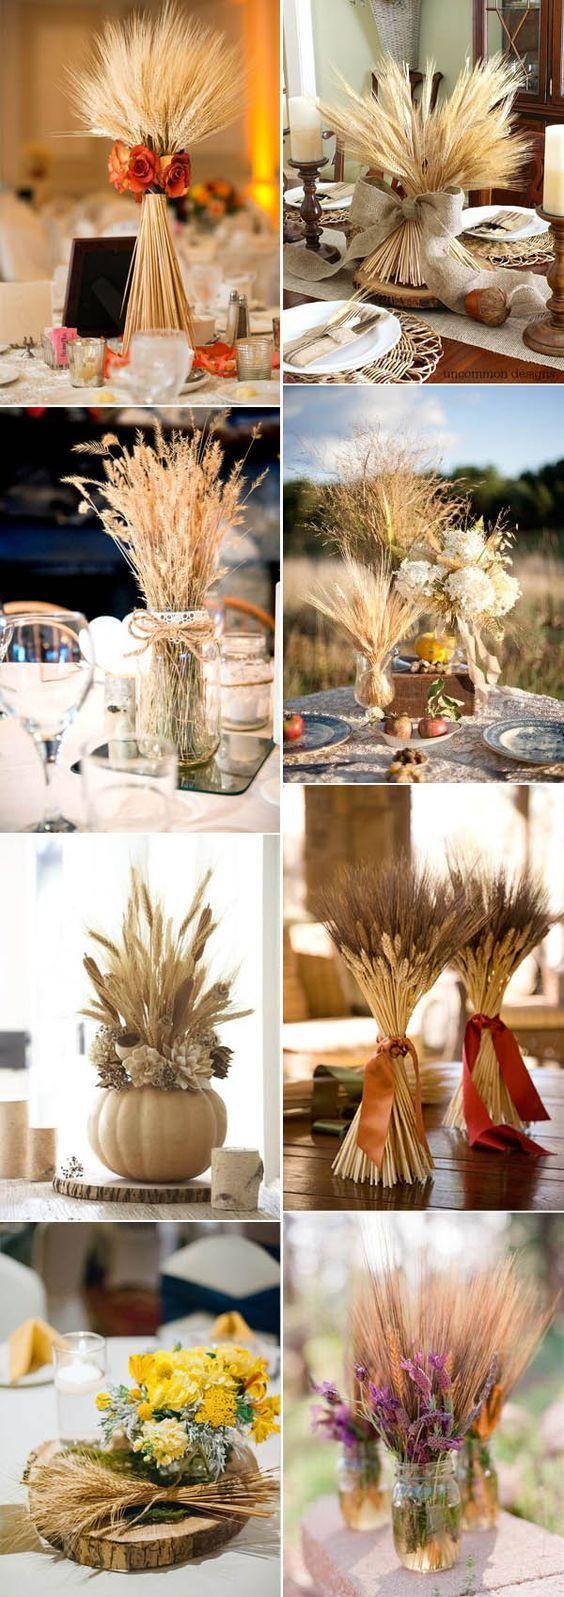 46 Inspirierende Hochzeitsideen für Herbst und Herbst